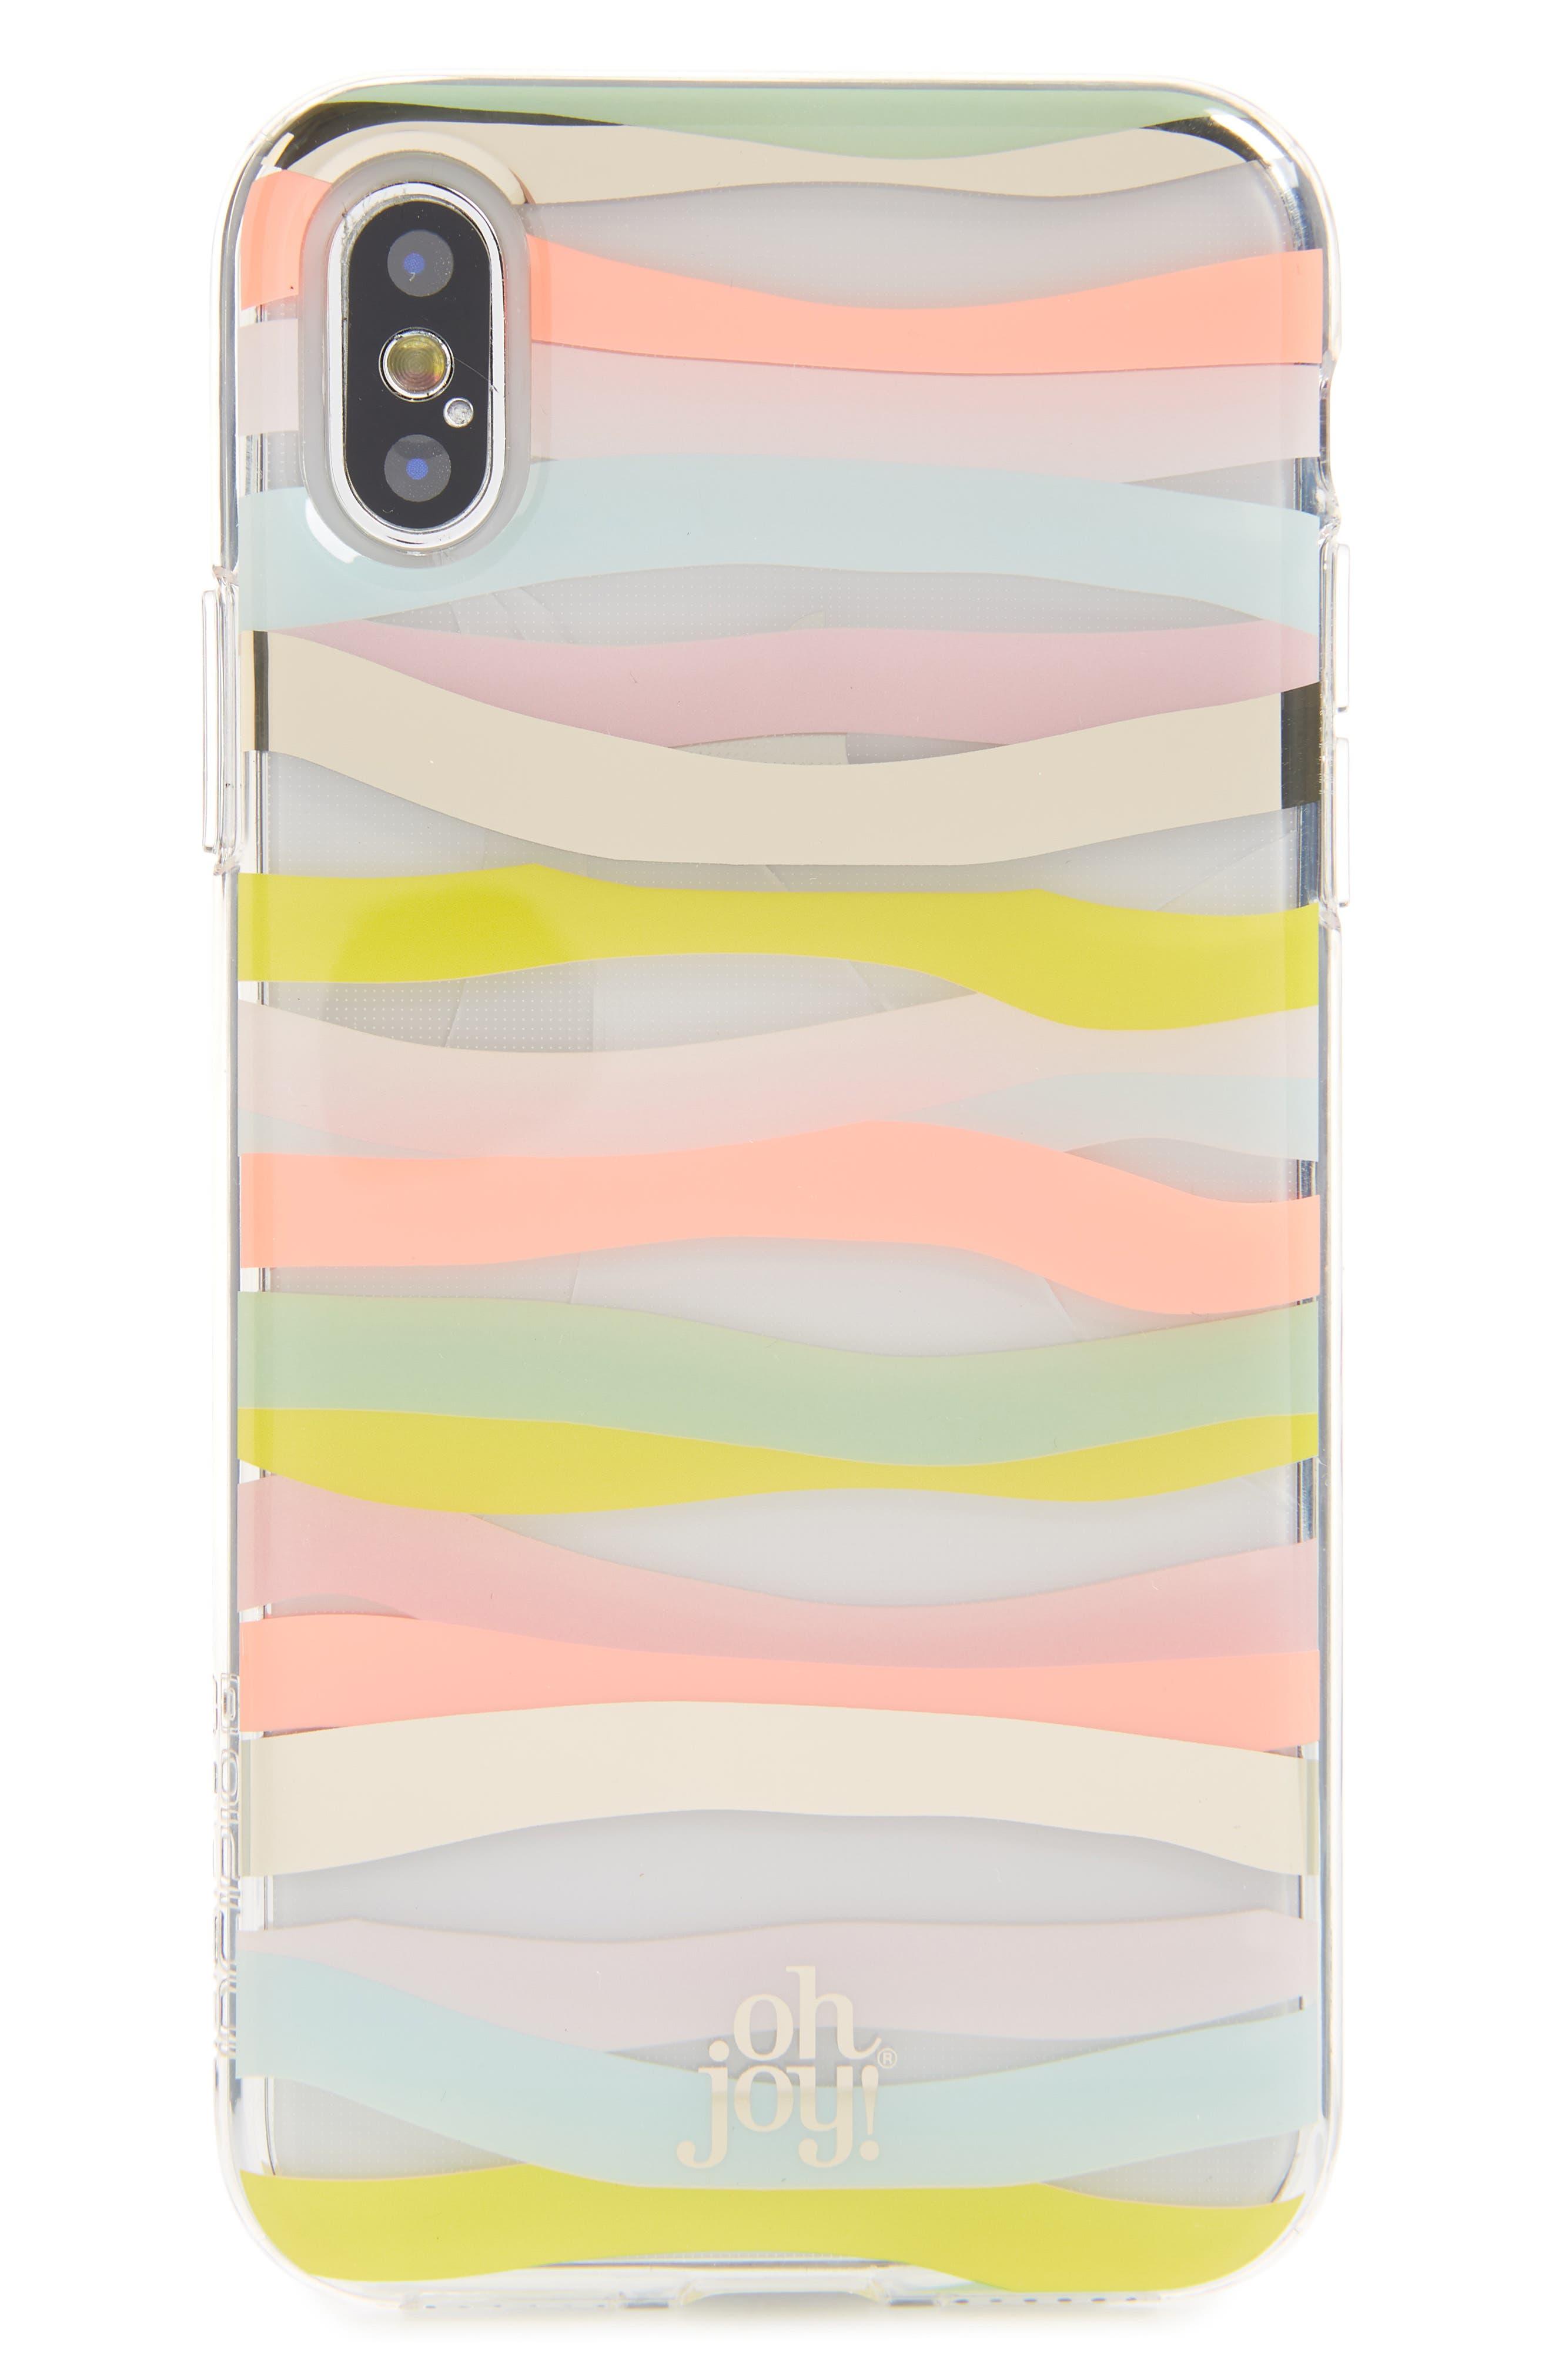 Oh Joy Stripe iPhone X/Xs Plus Case,                             Main thumbnail 1, color,                             650